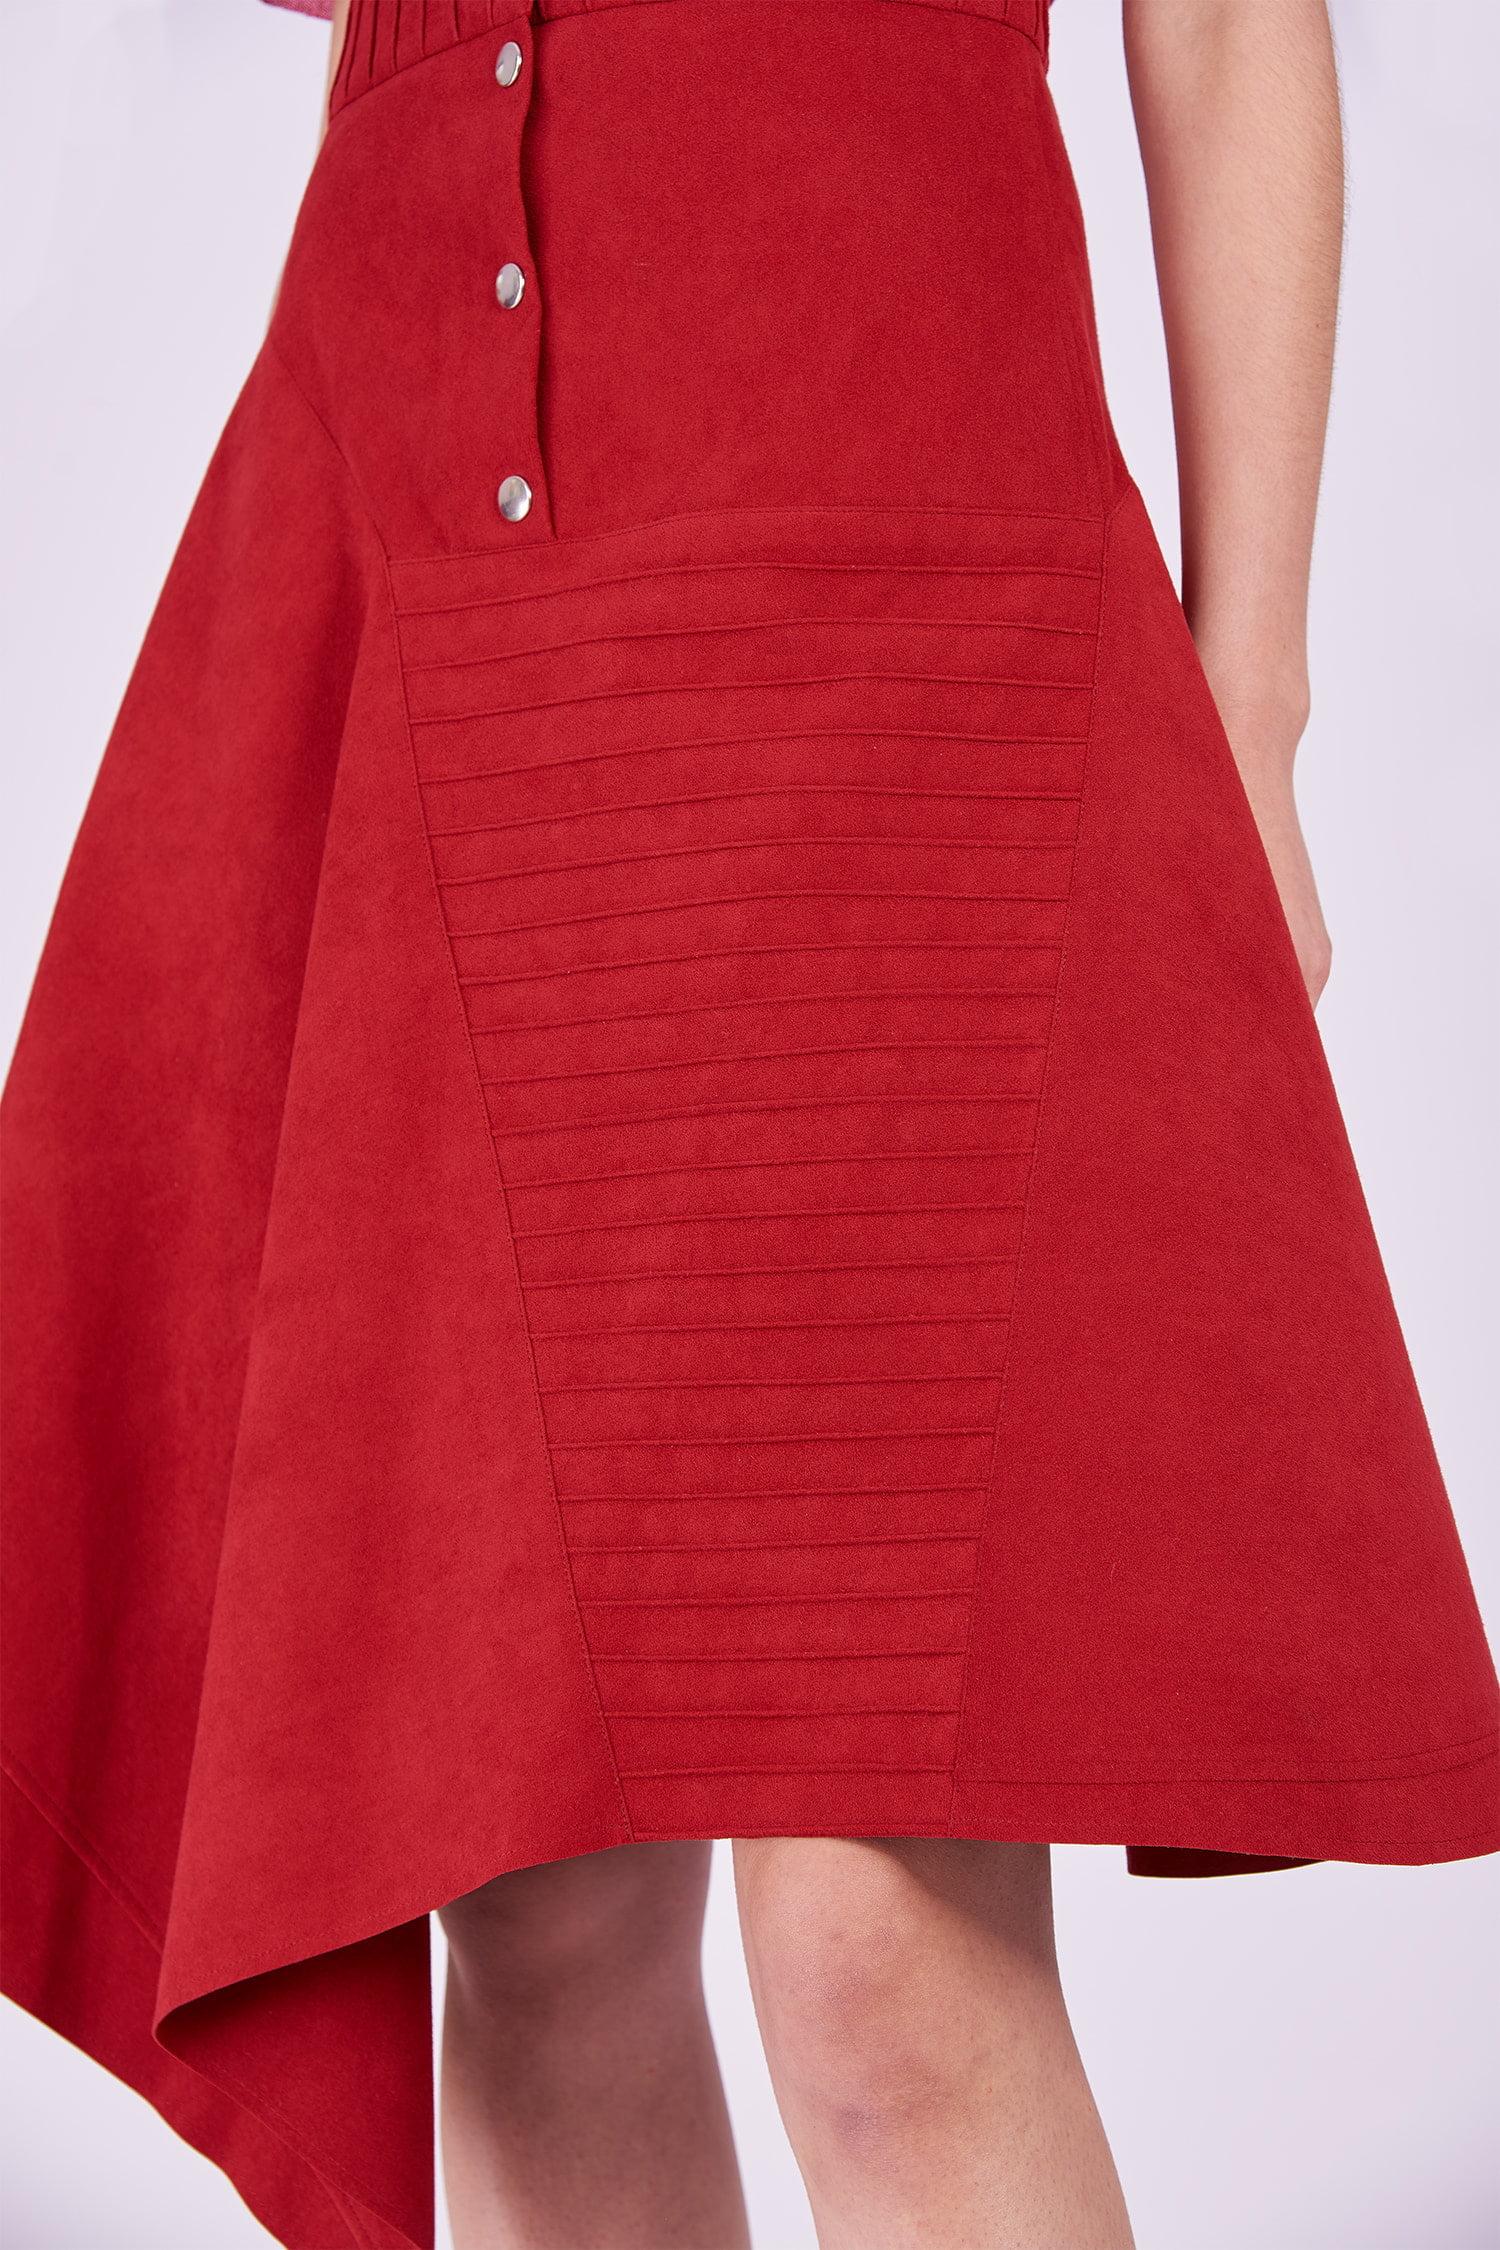 Acephala Ps2020 Red Midi Skirt T Shirt Construction Czerwona Spodnica Konstrukcyjna Czerwony Detail